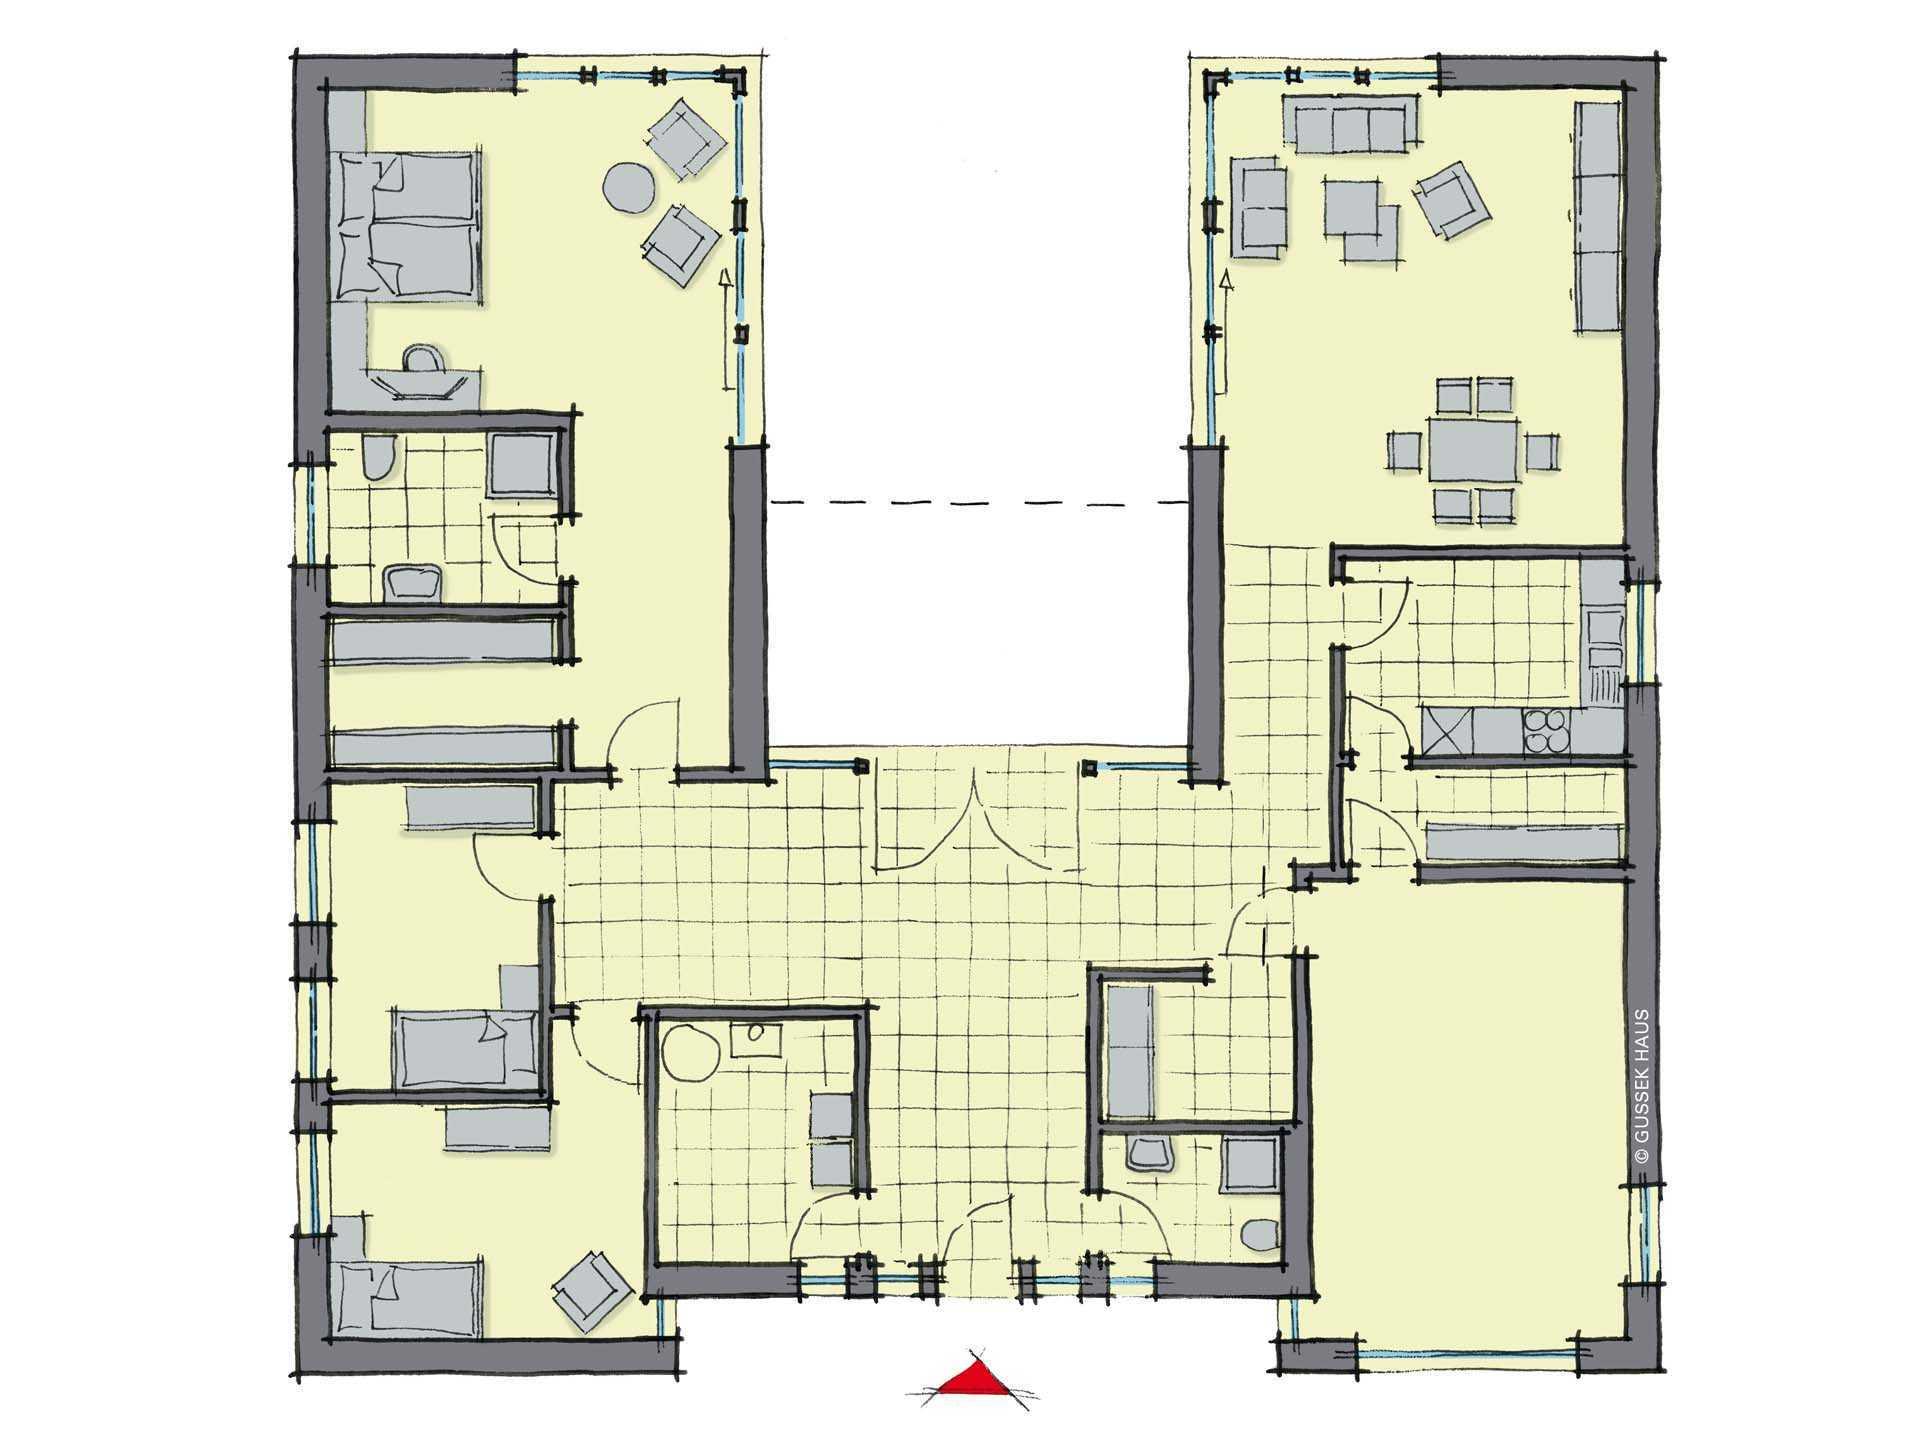 Bungalow cote d azur gussek haus for Moderne bungalows grundrisse